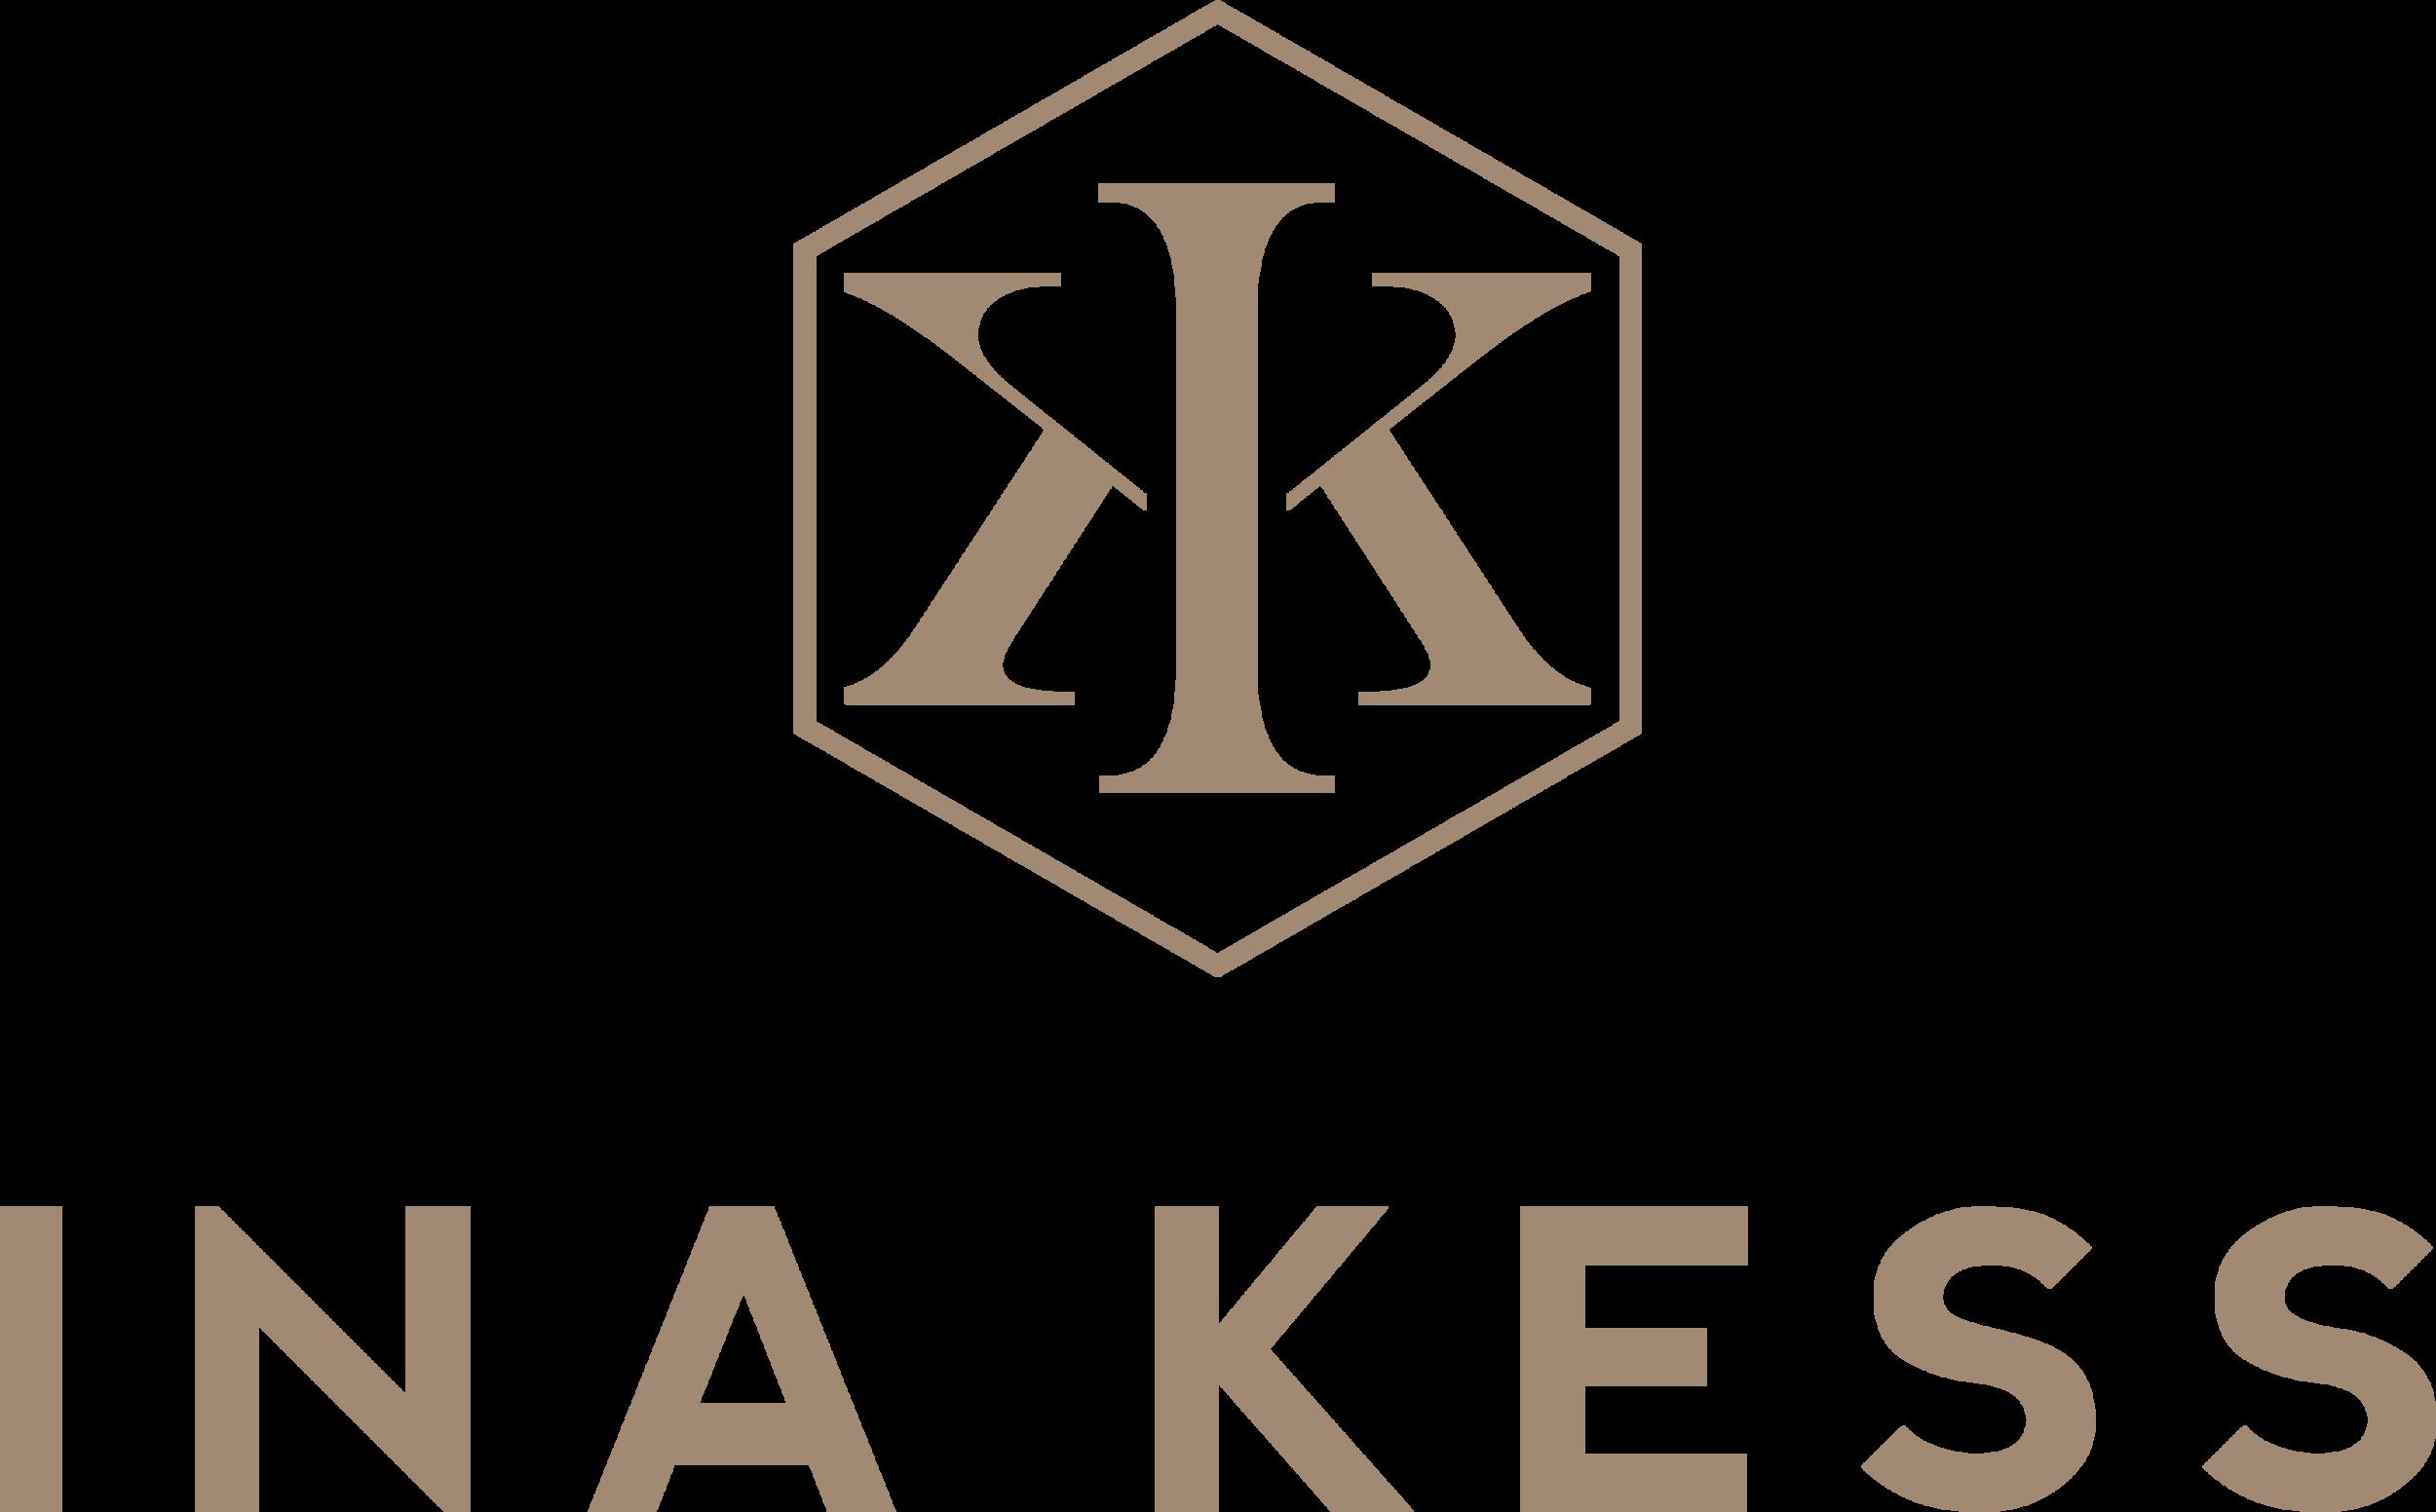 Ina kess logo.png